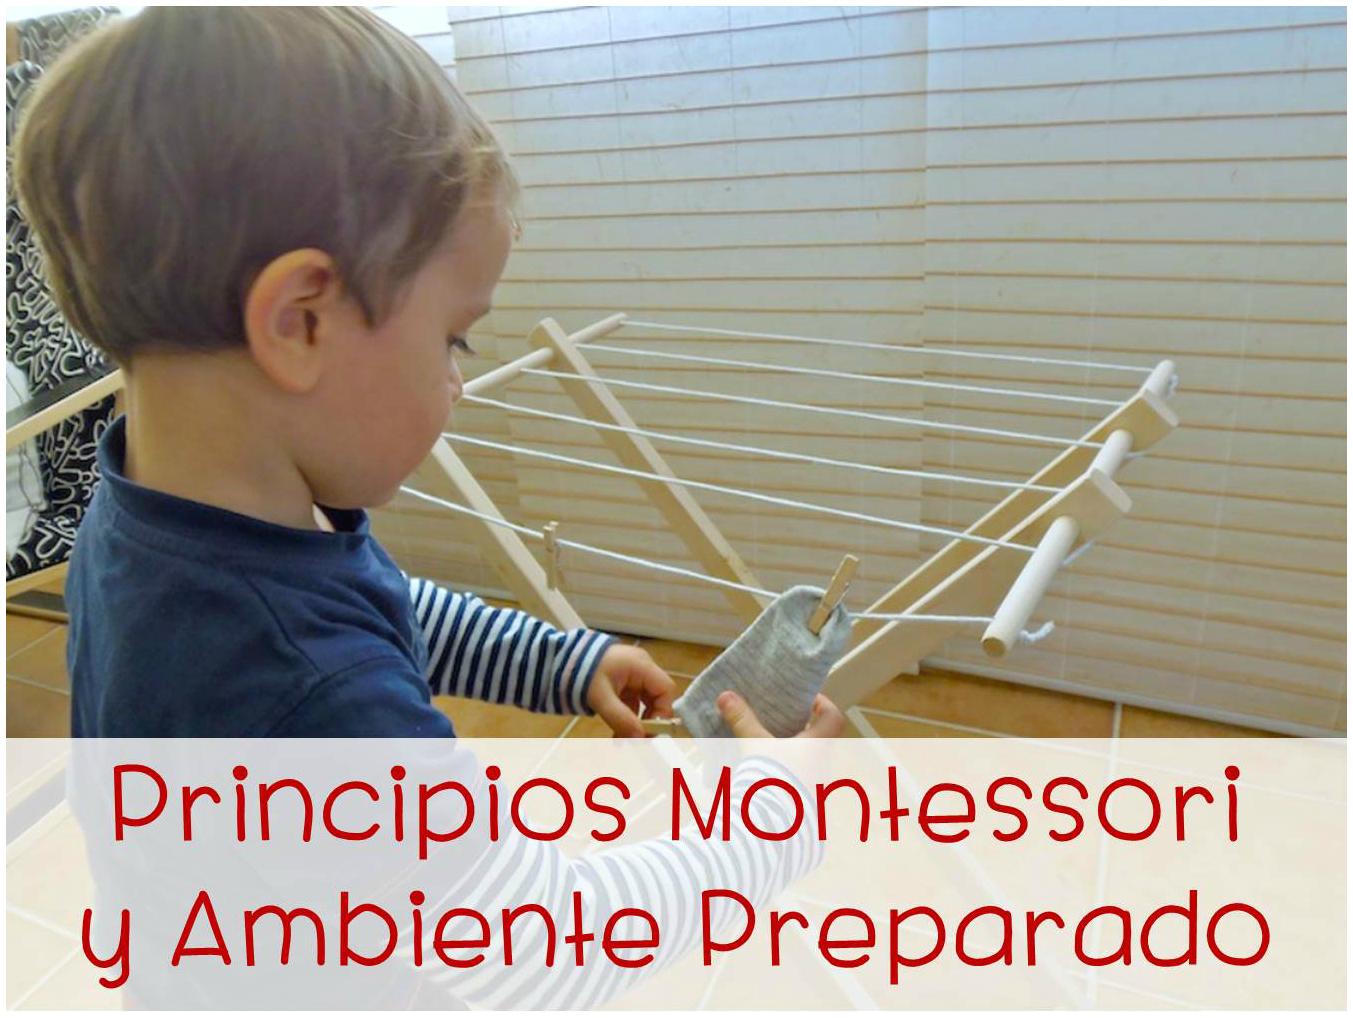 Curso online Principios Montessori y Ambiente Preparado